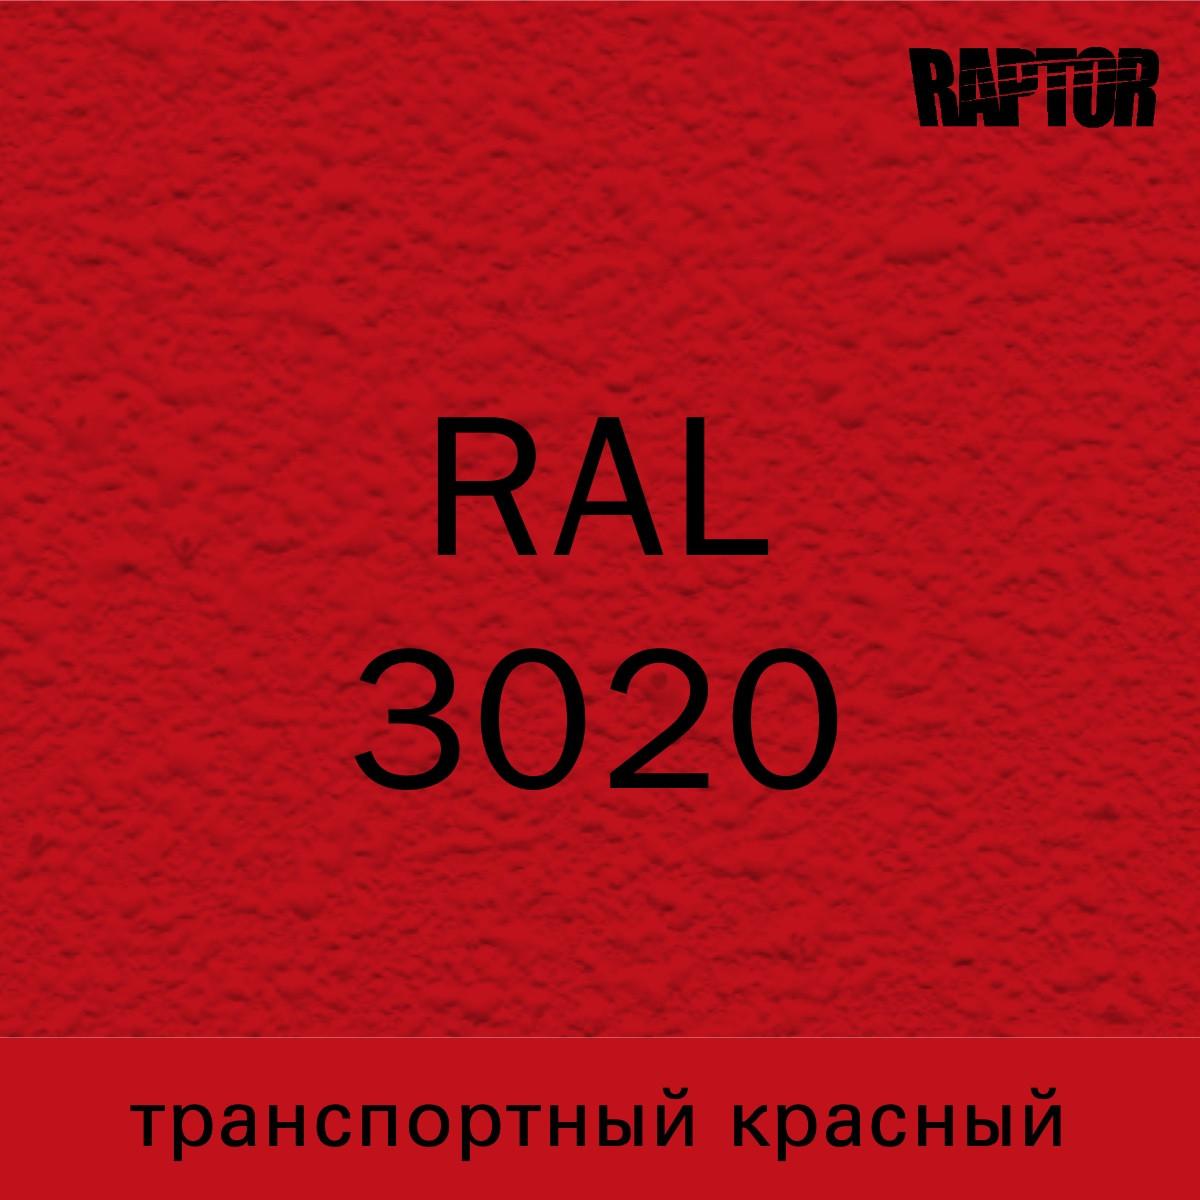 Пигмент для колеровки покрытия RAPTOR™ Транспортный красный (RAL 3020)